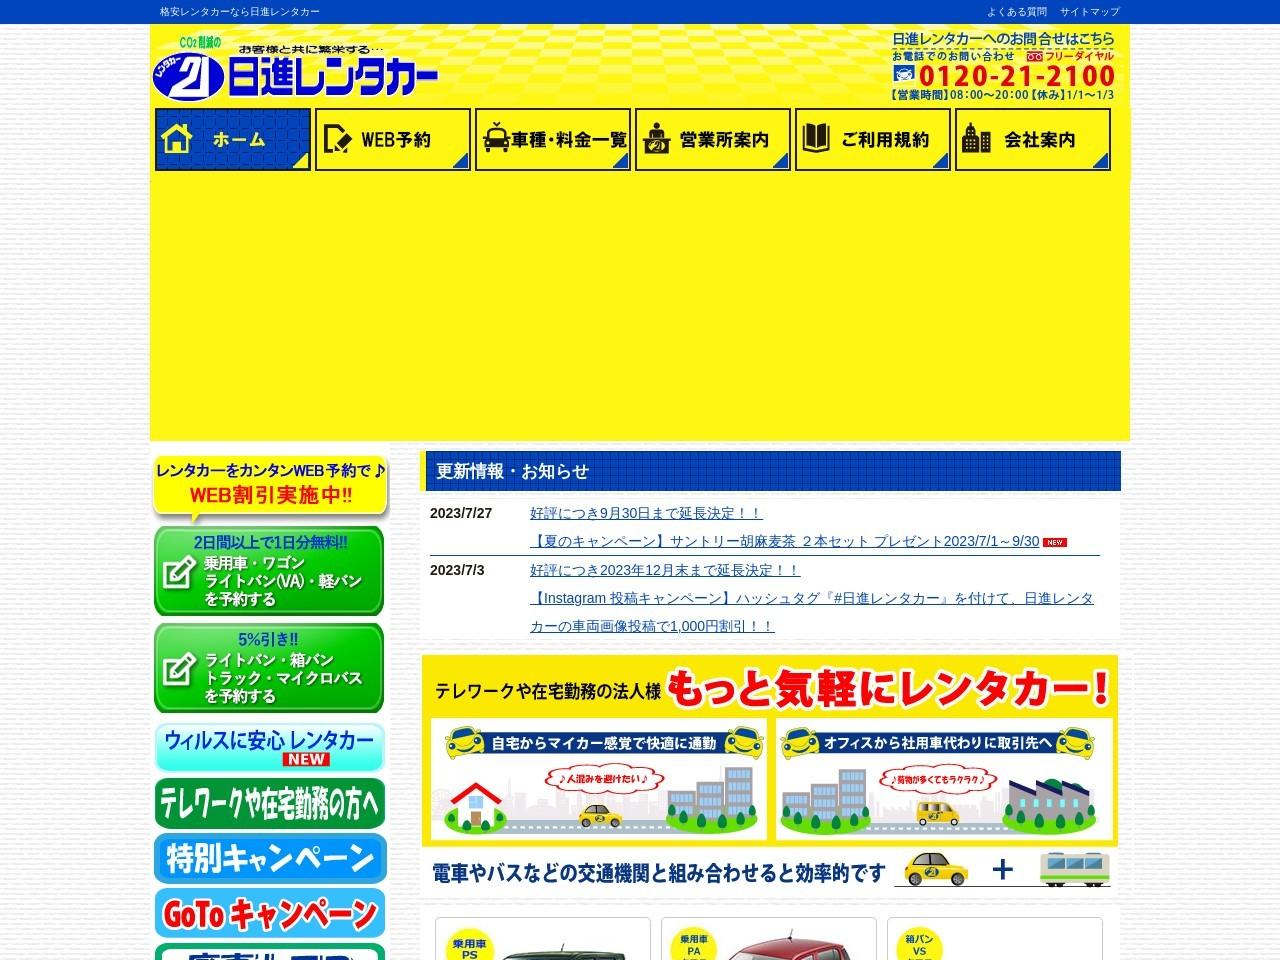 日進レンタカー株式会社恵比寿営業所